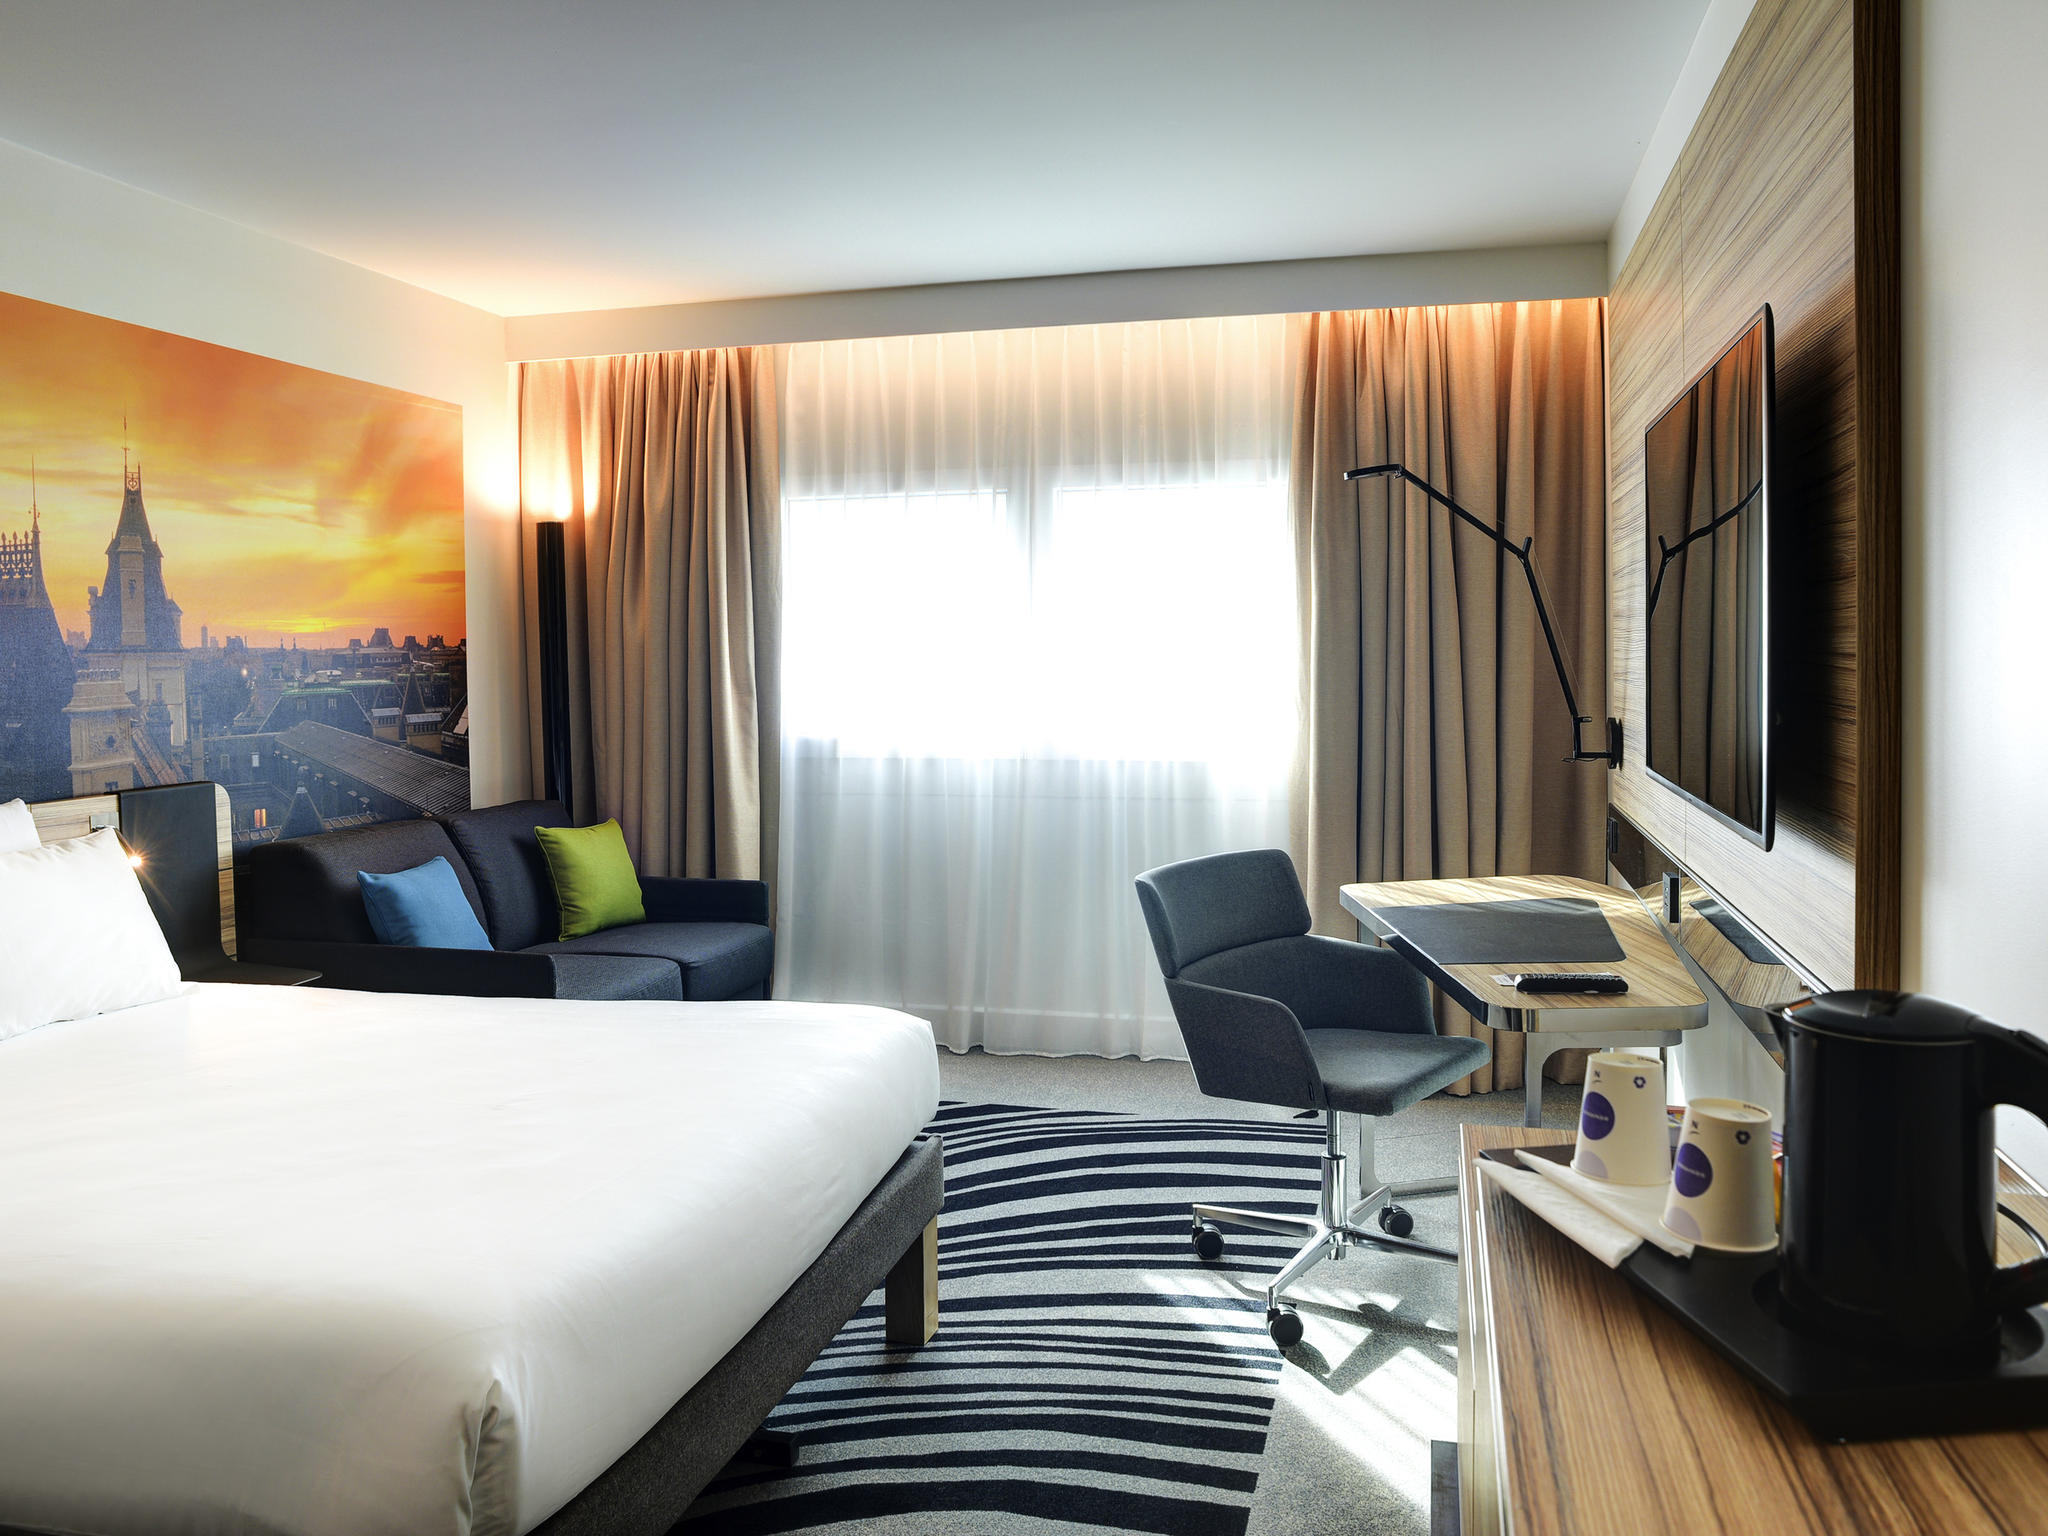 Ibis styles paris porte d 39 orleans montrouge book your hotel with viamichelin - Ibis paris porte d orleans montrouge ...